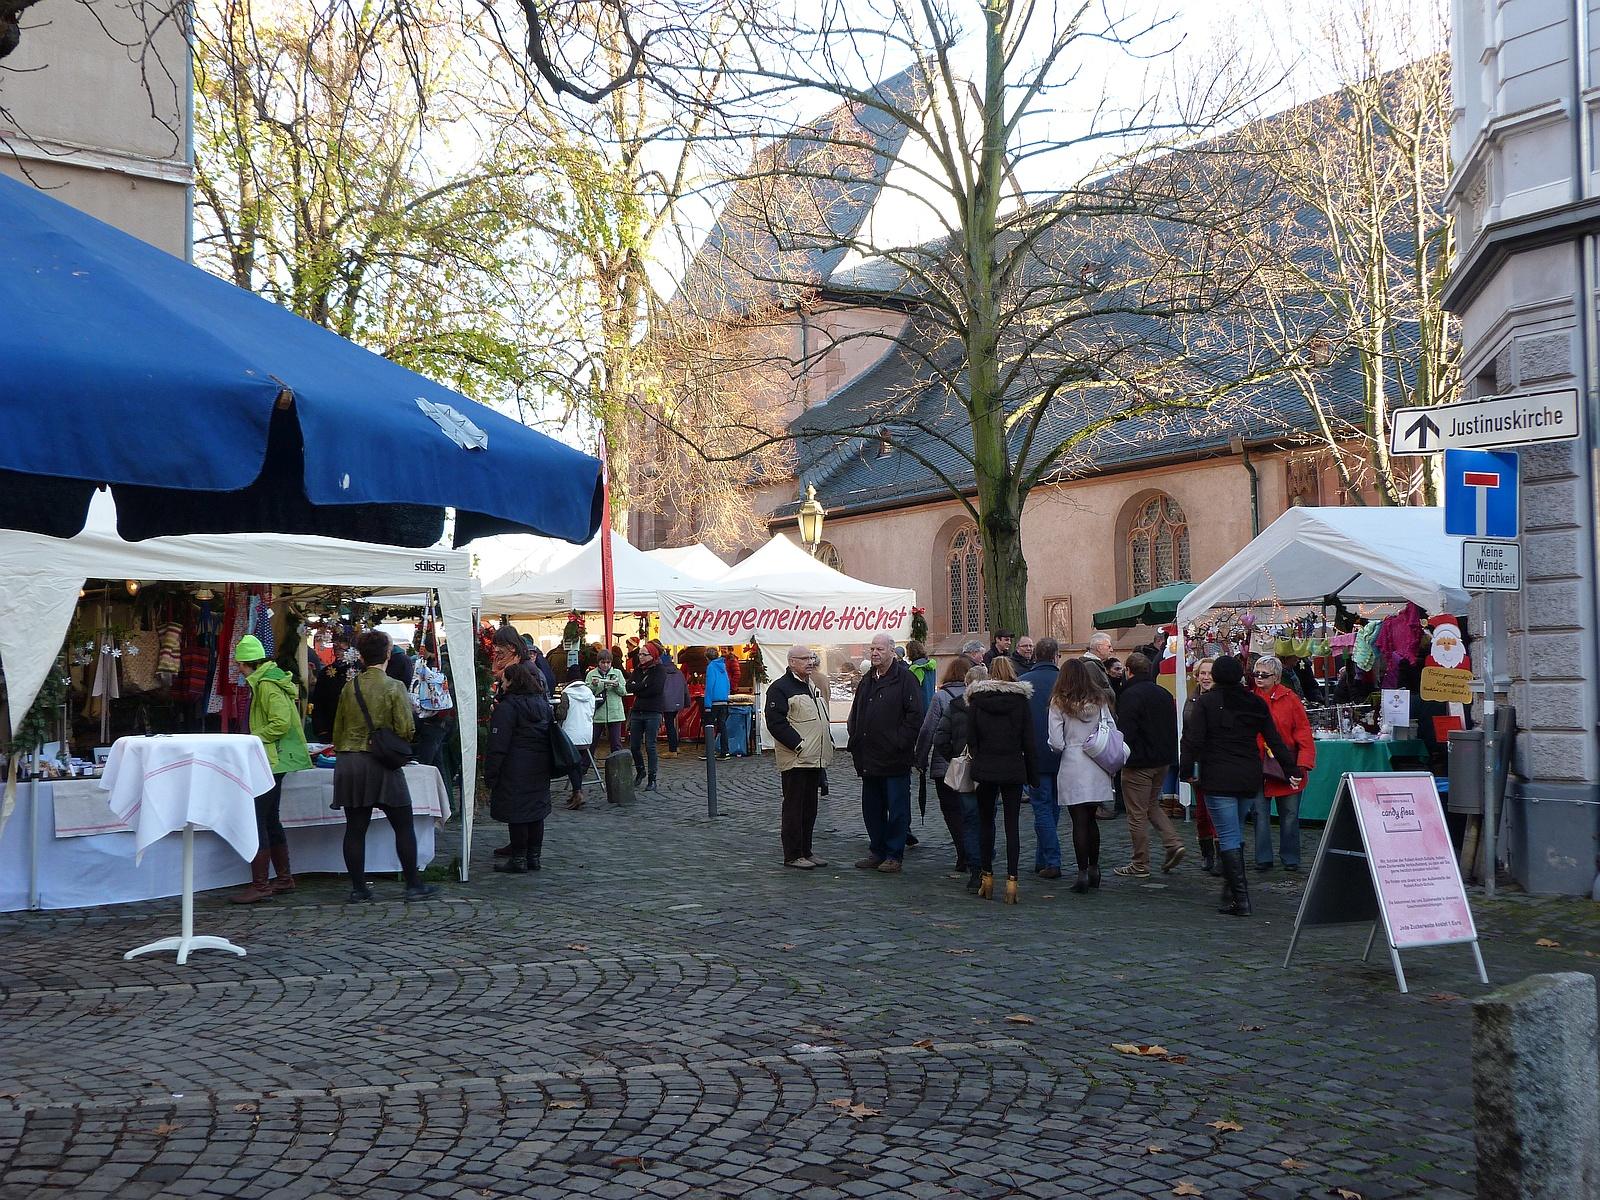 Weihnachtsmarkt Am Goetheturm.Weihnachtsmarkt Jürgen Lange